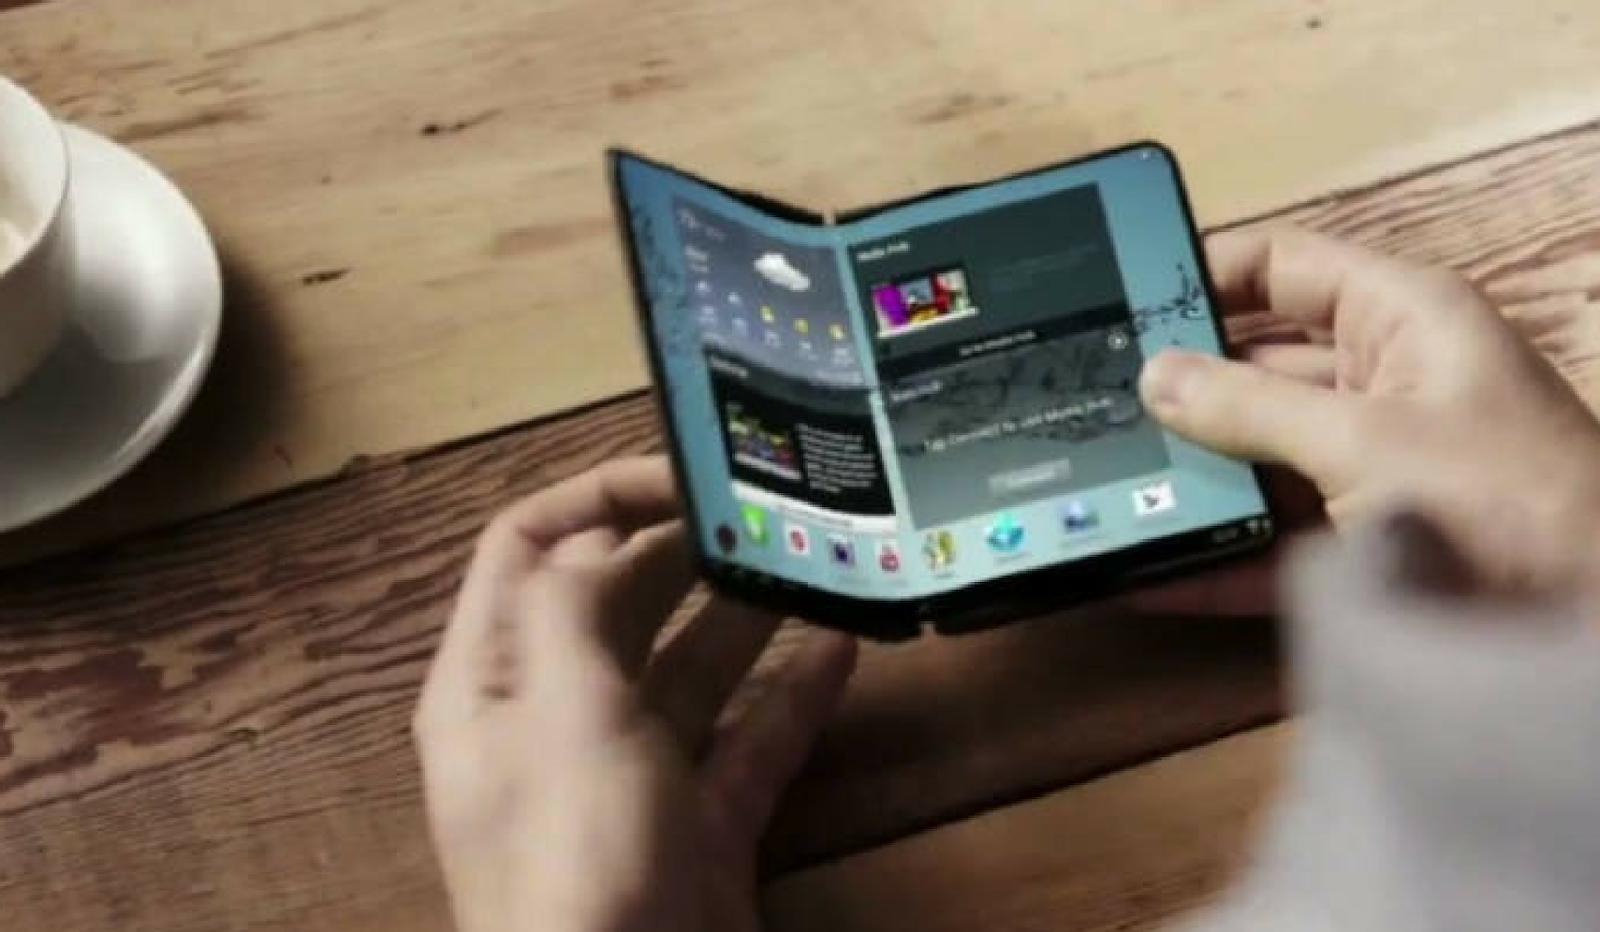 سامسونج للإعلان عن إطلاق هاتف ذكي قابل للطي في أوائل عام 2019